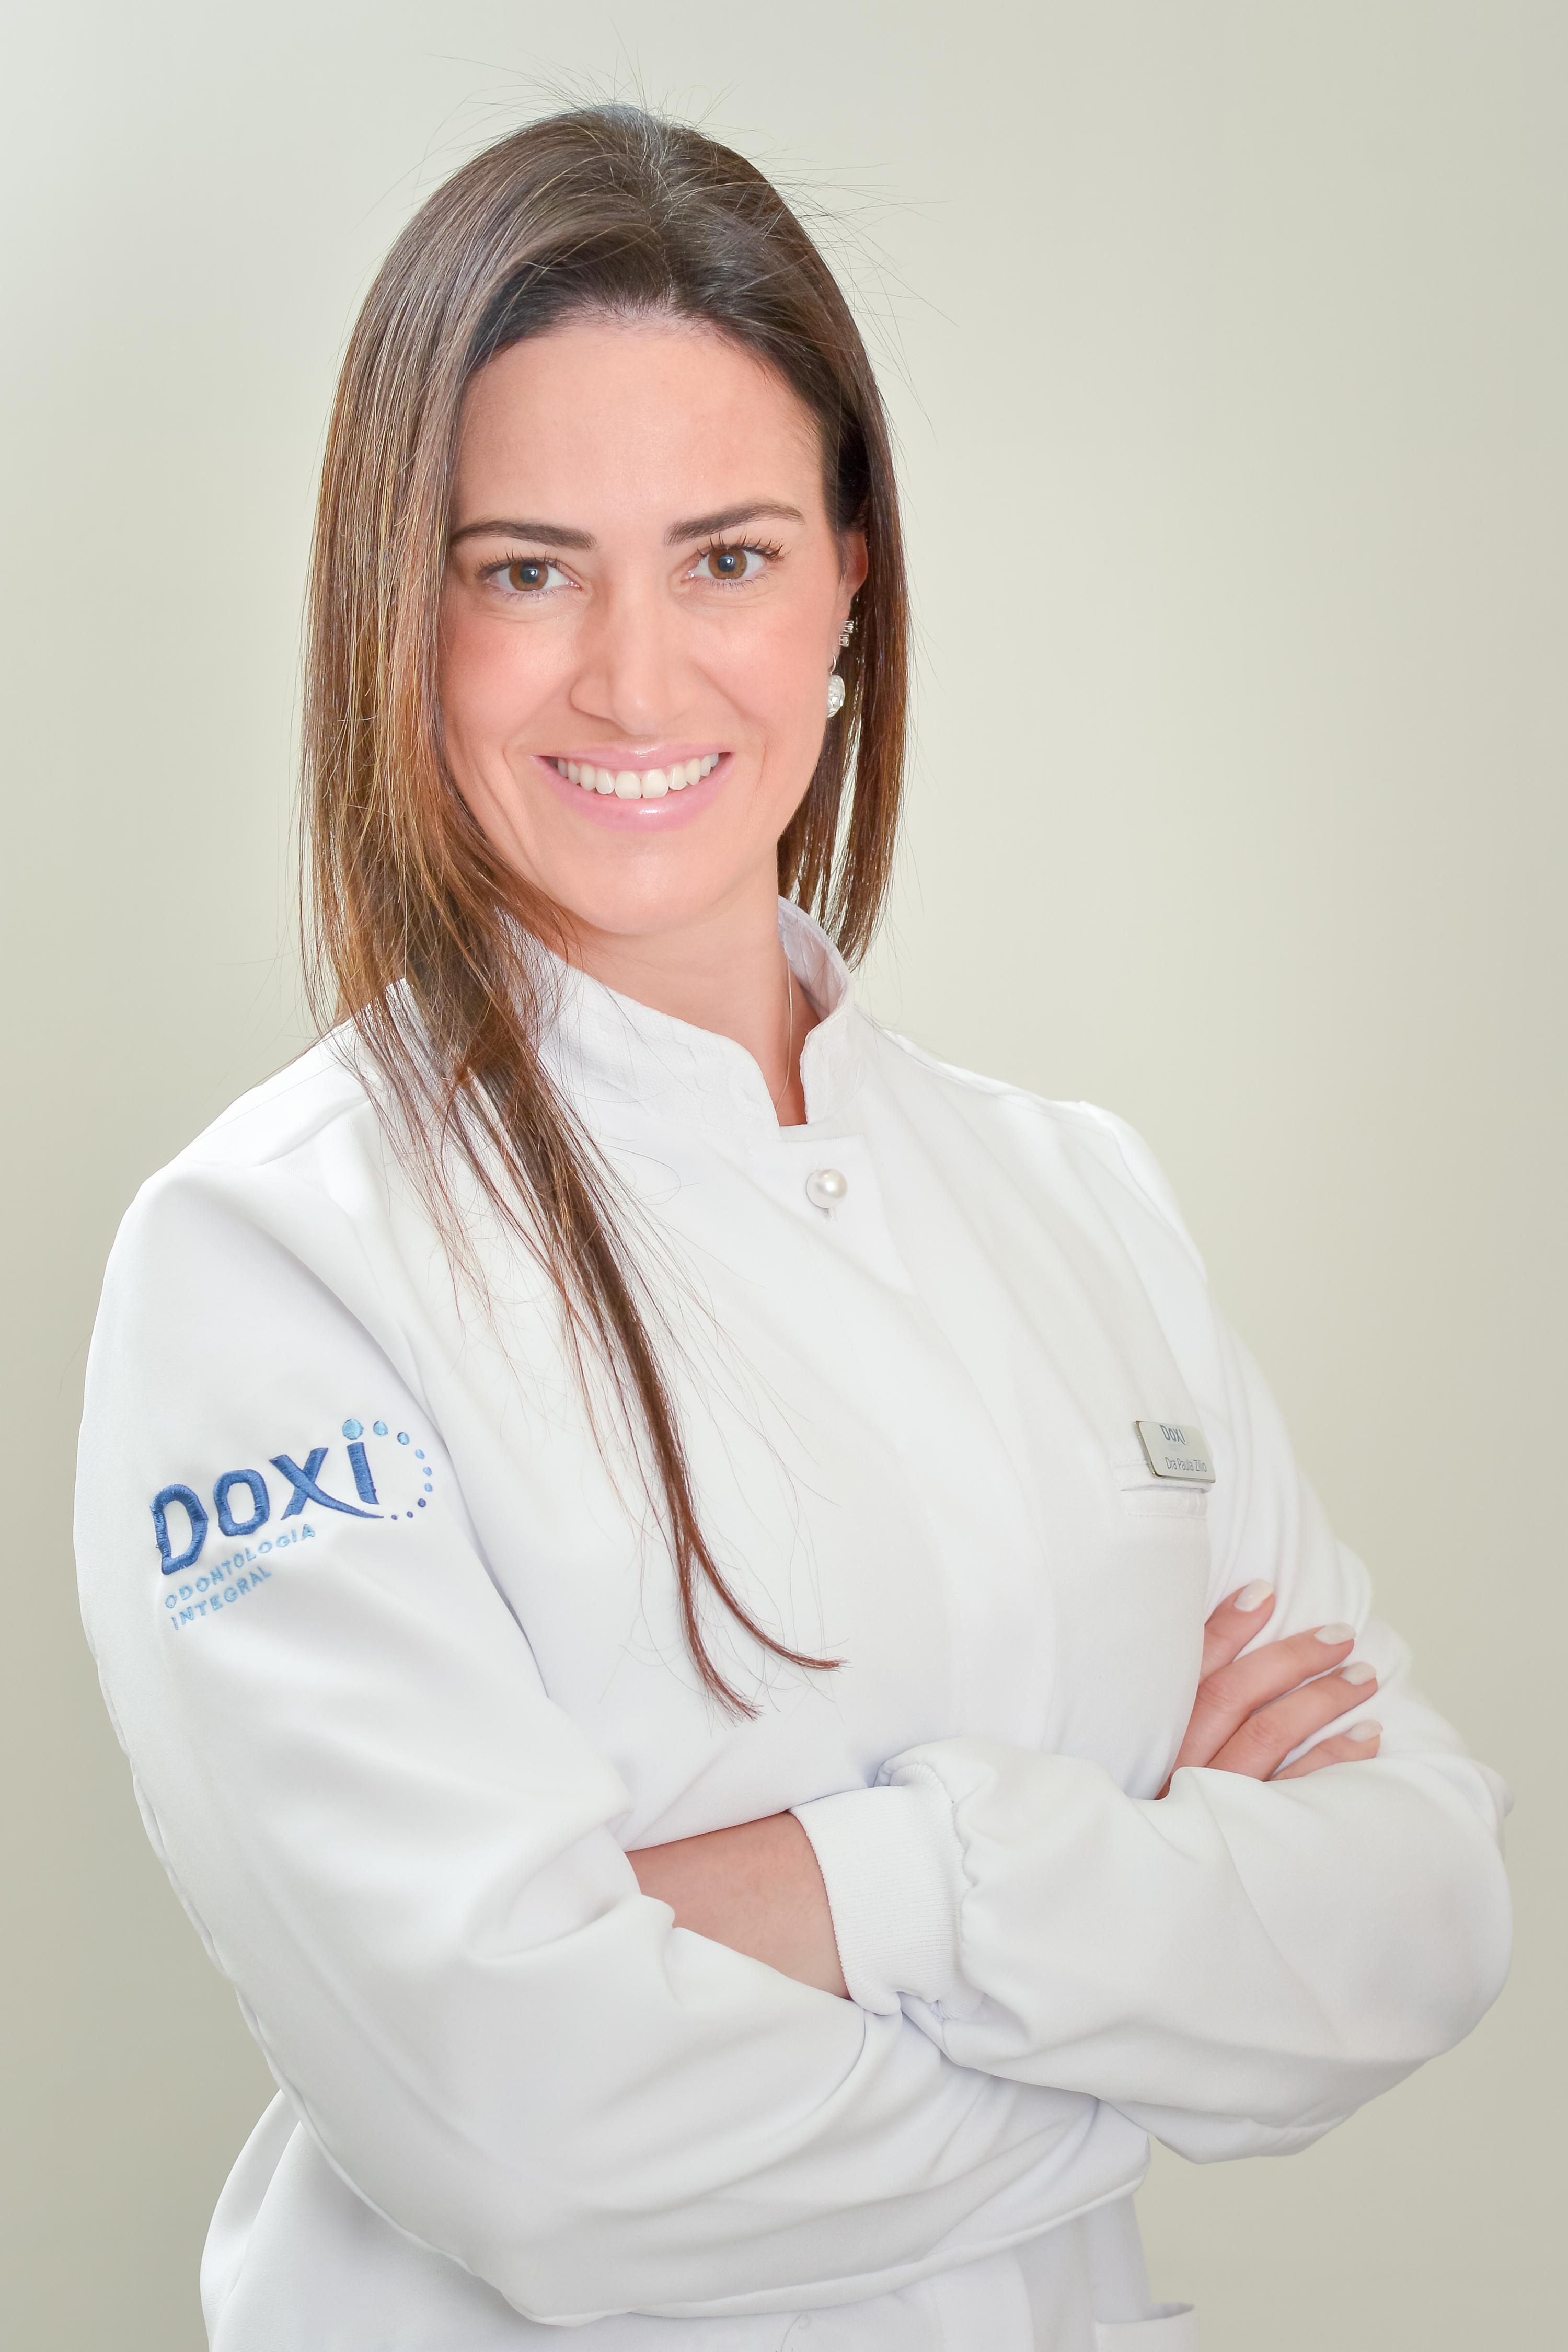 Paula Todeschini Zilio